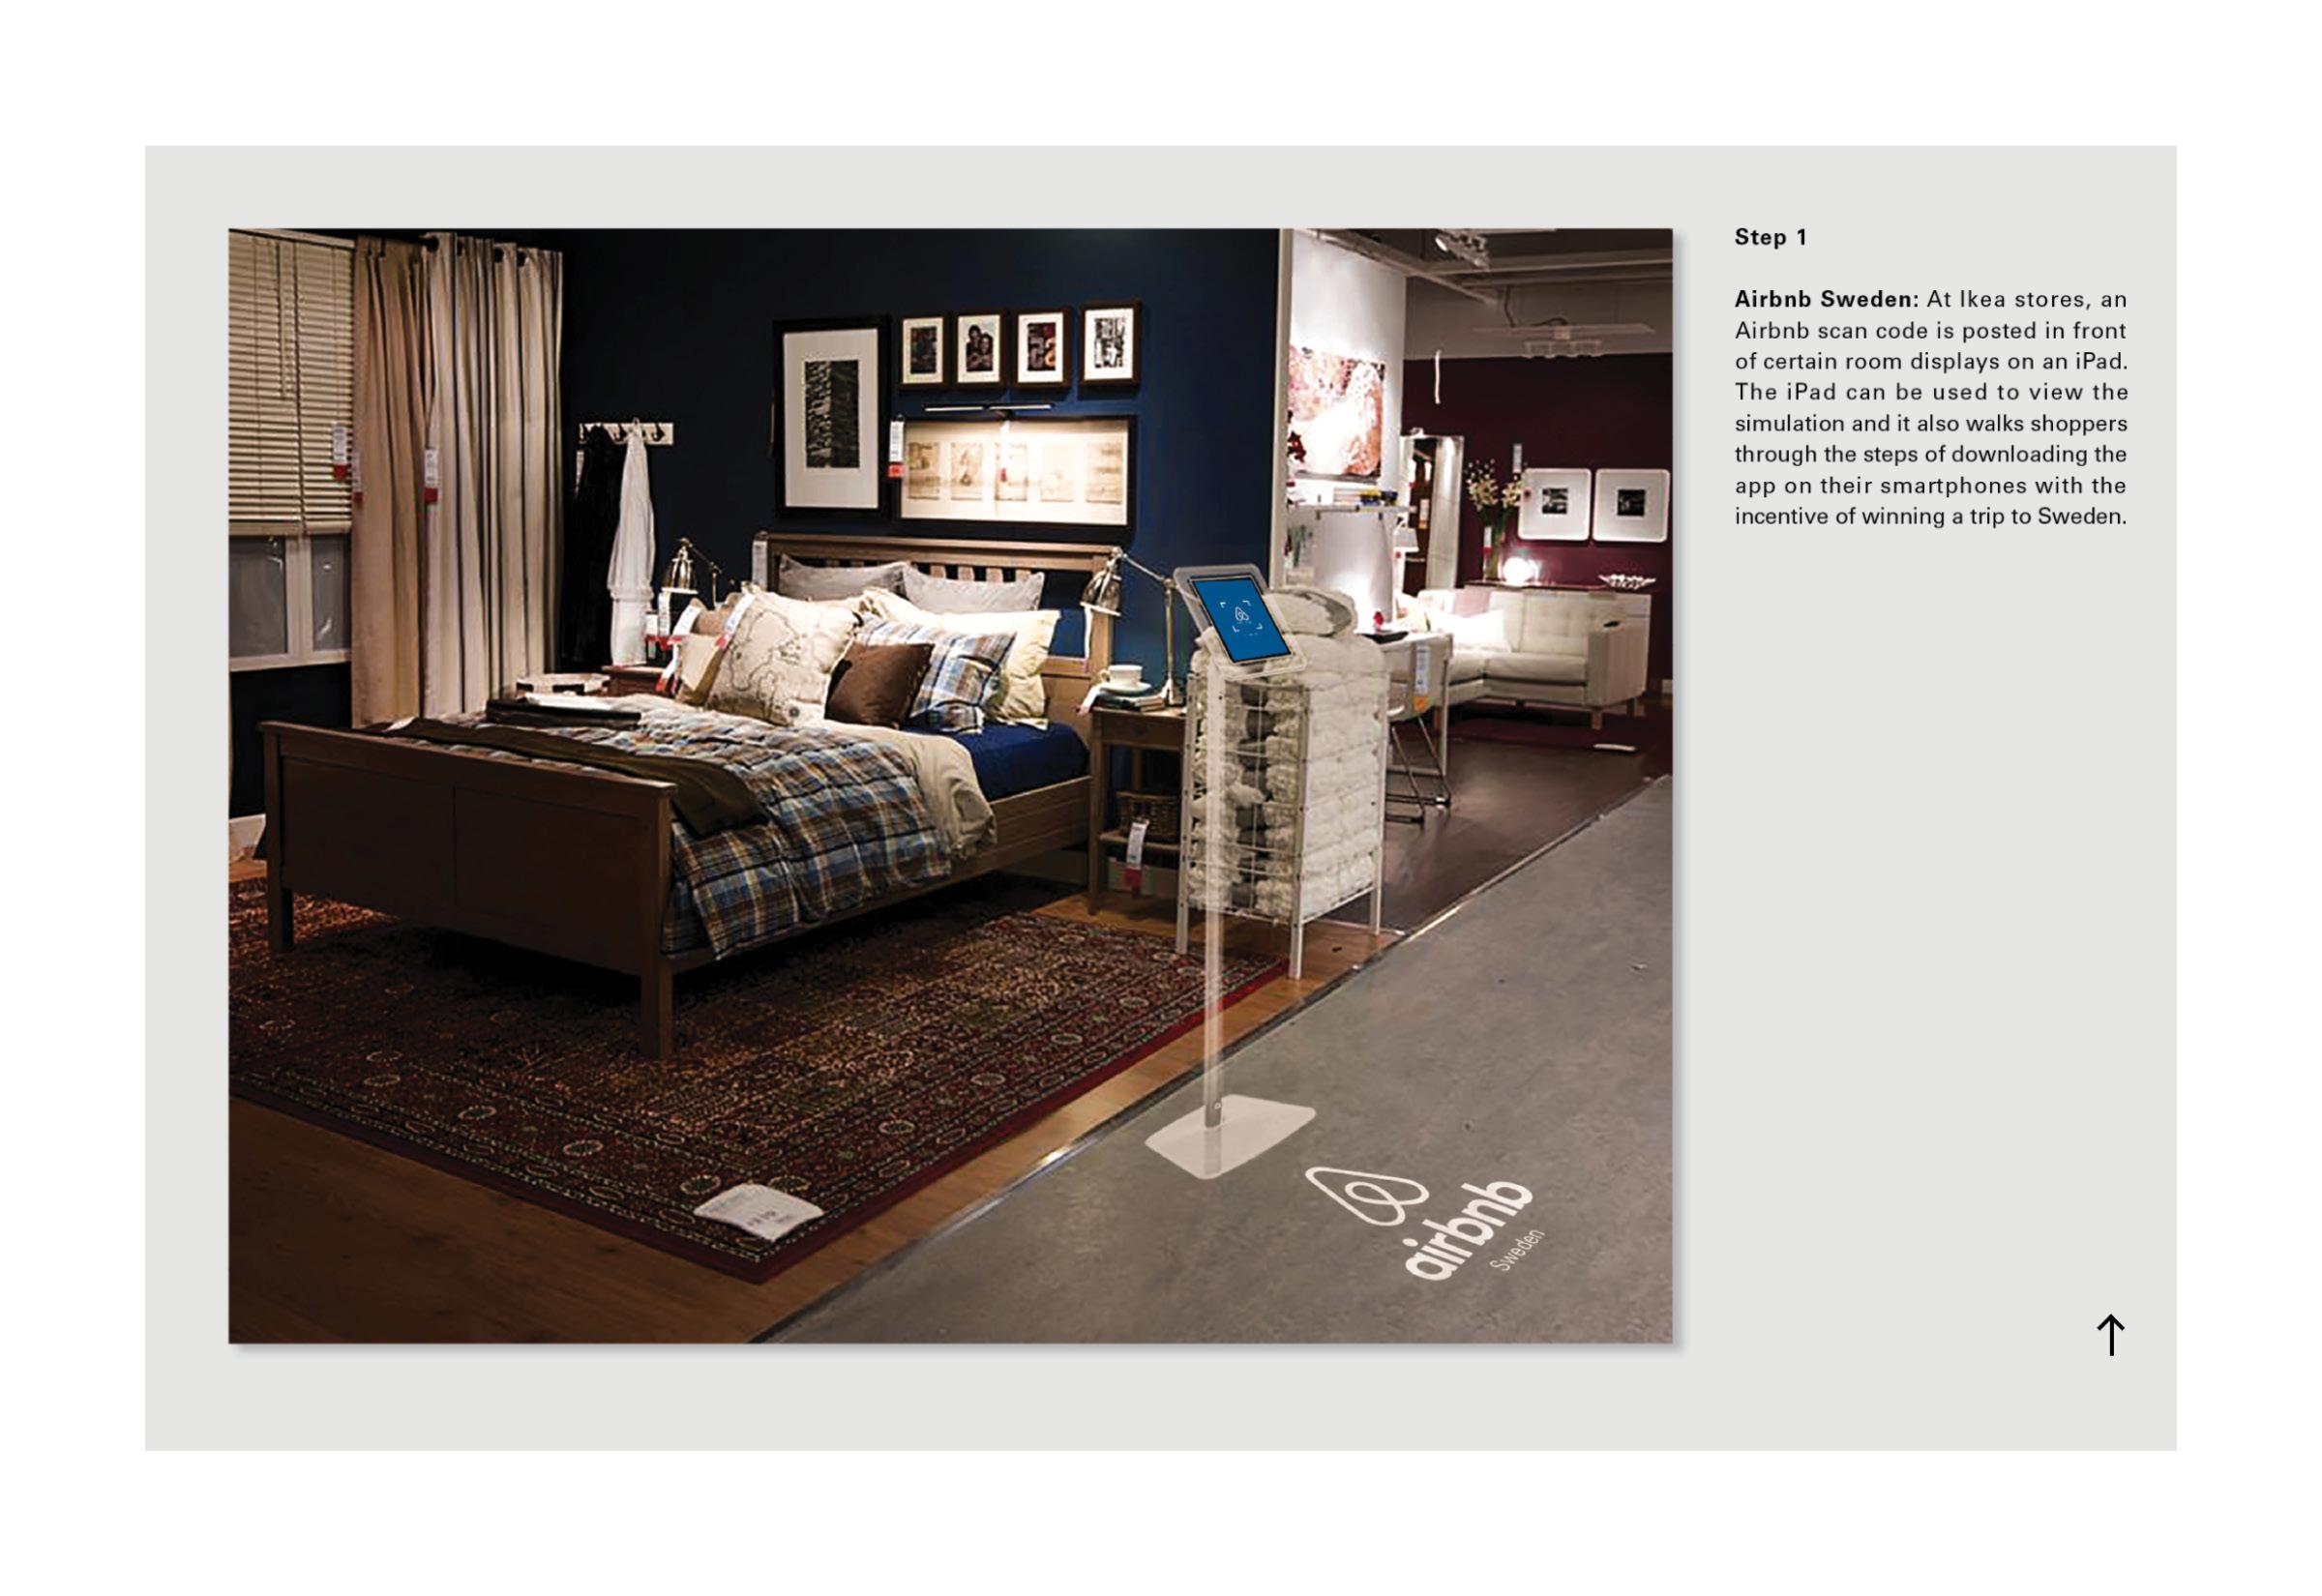 airbnb_Ikea_promo2.jpg